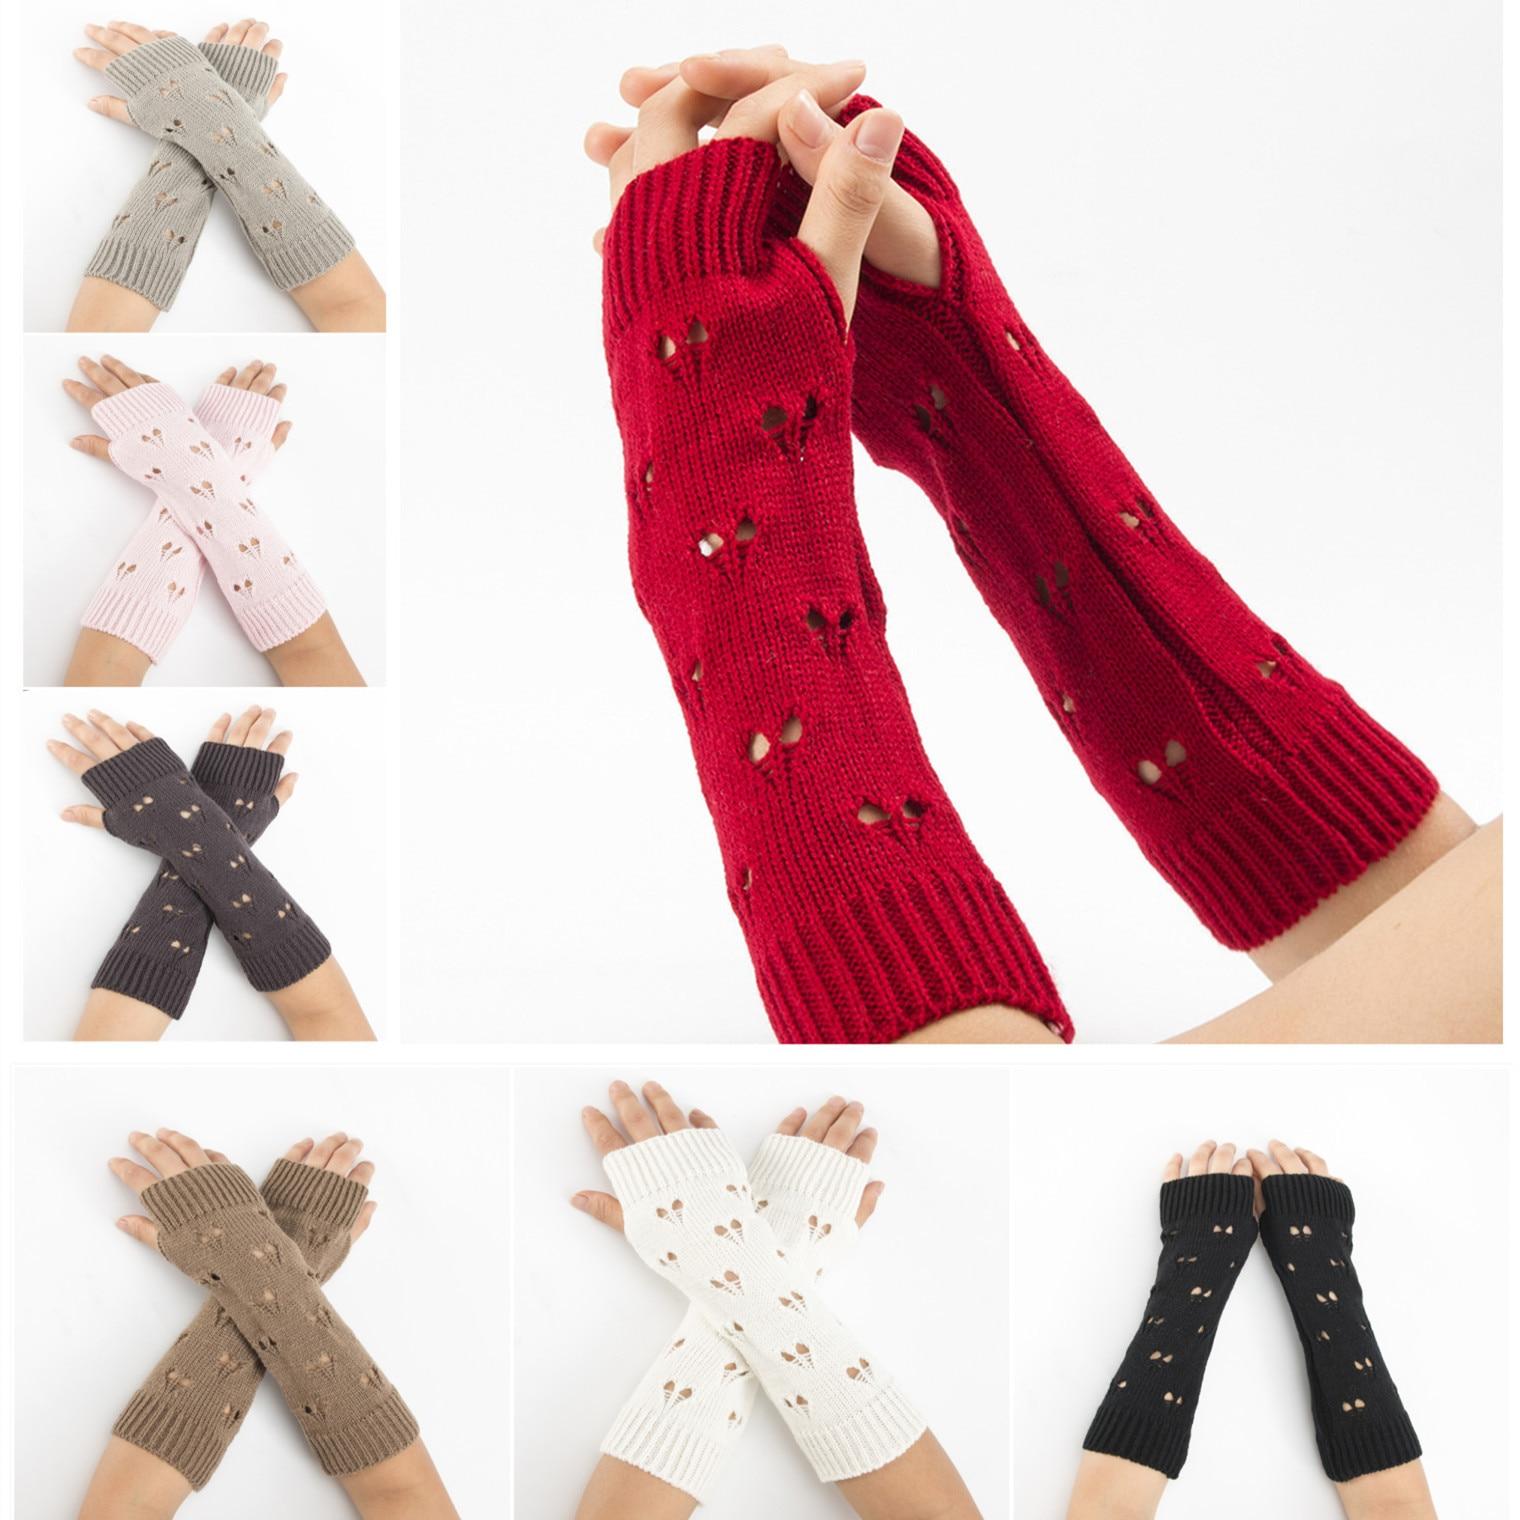 Damen-accessoires Herrlich Neue Winter Jacquard Gestrickte Pullover Warm Arm Set Mid Länge Ski Handschuhe Hohe Qualität Frauen Arm Wärmer 1 Paar